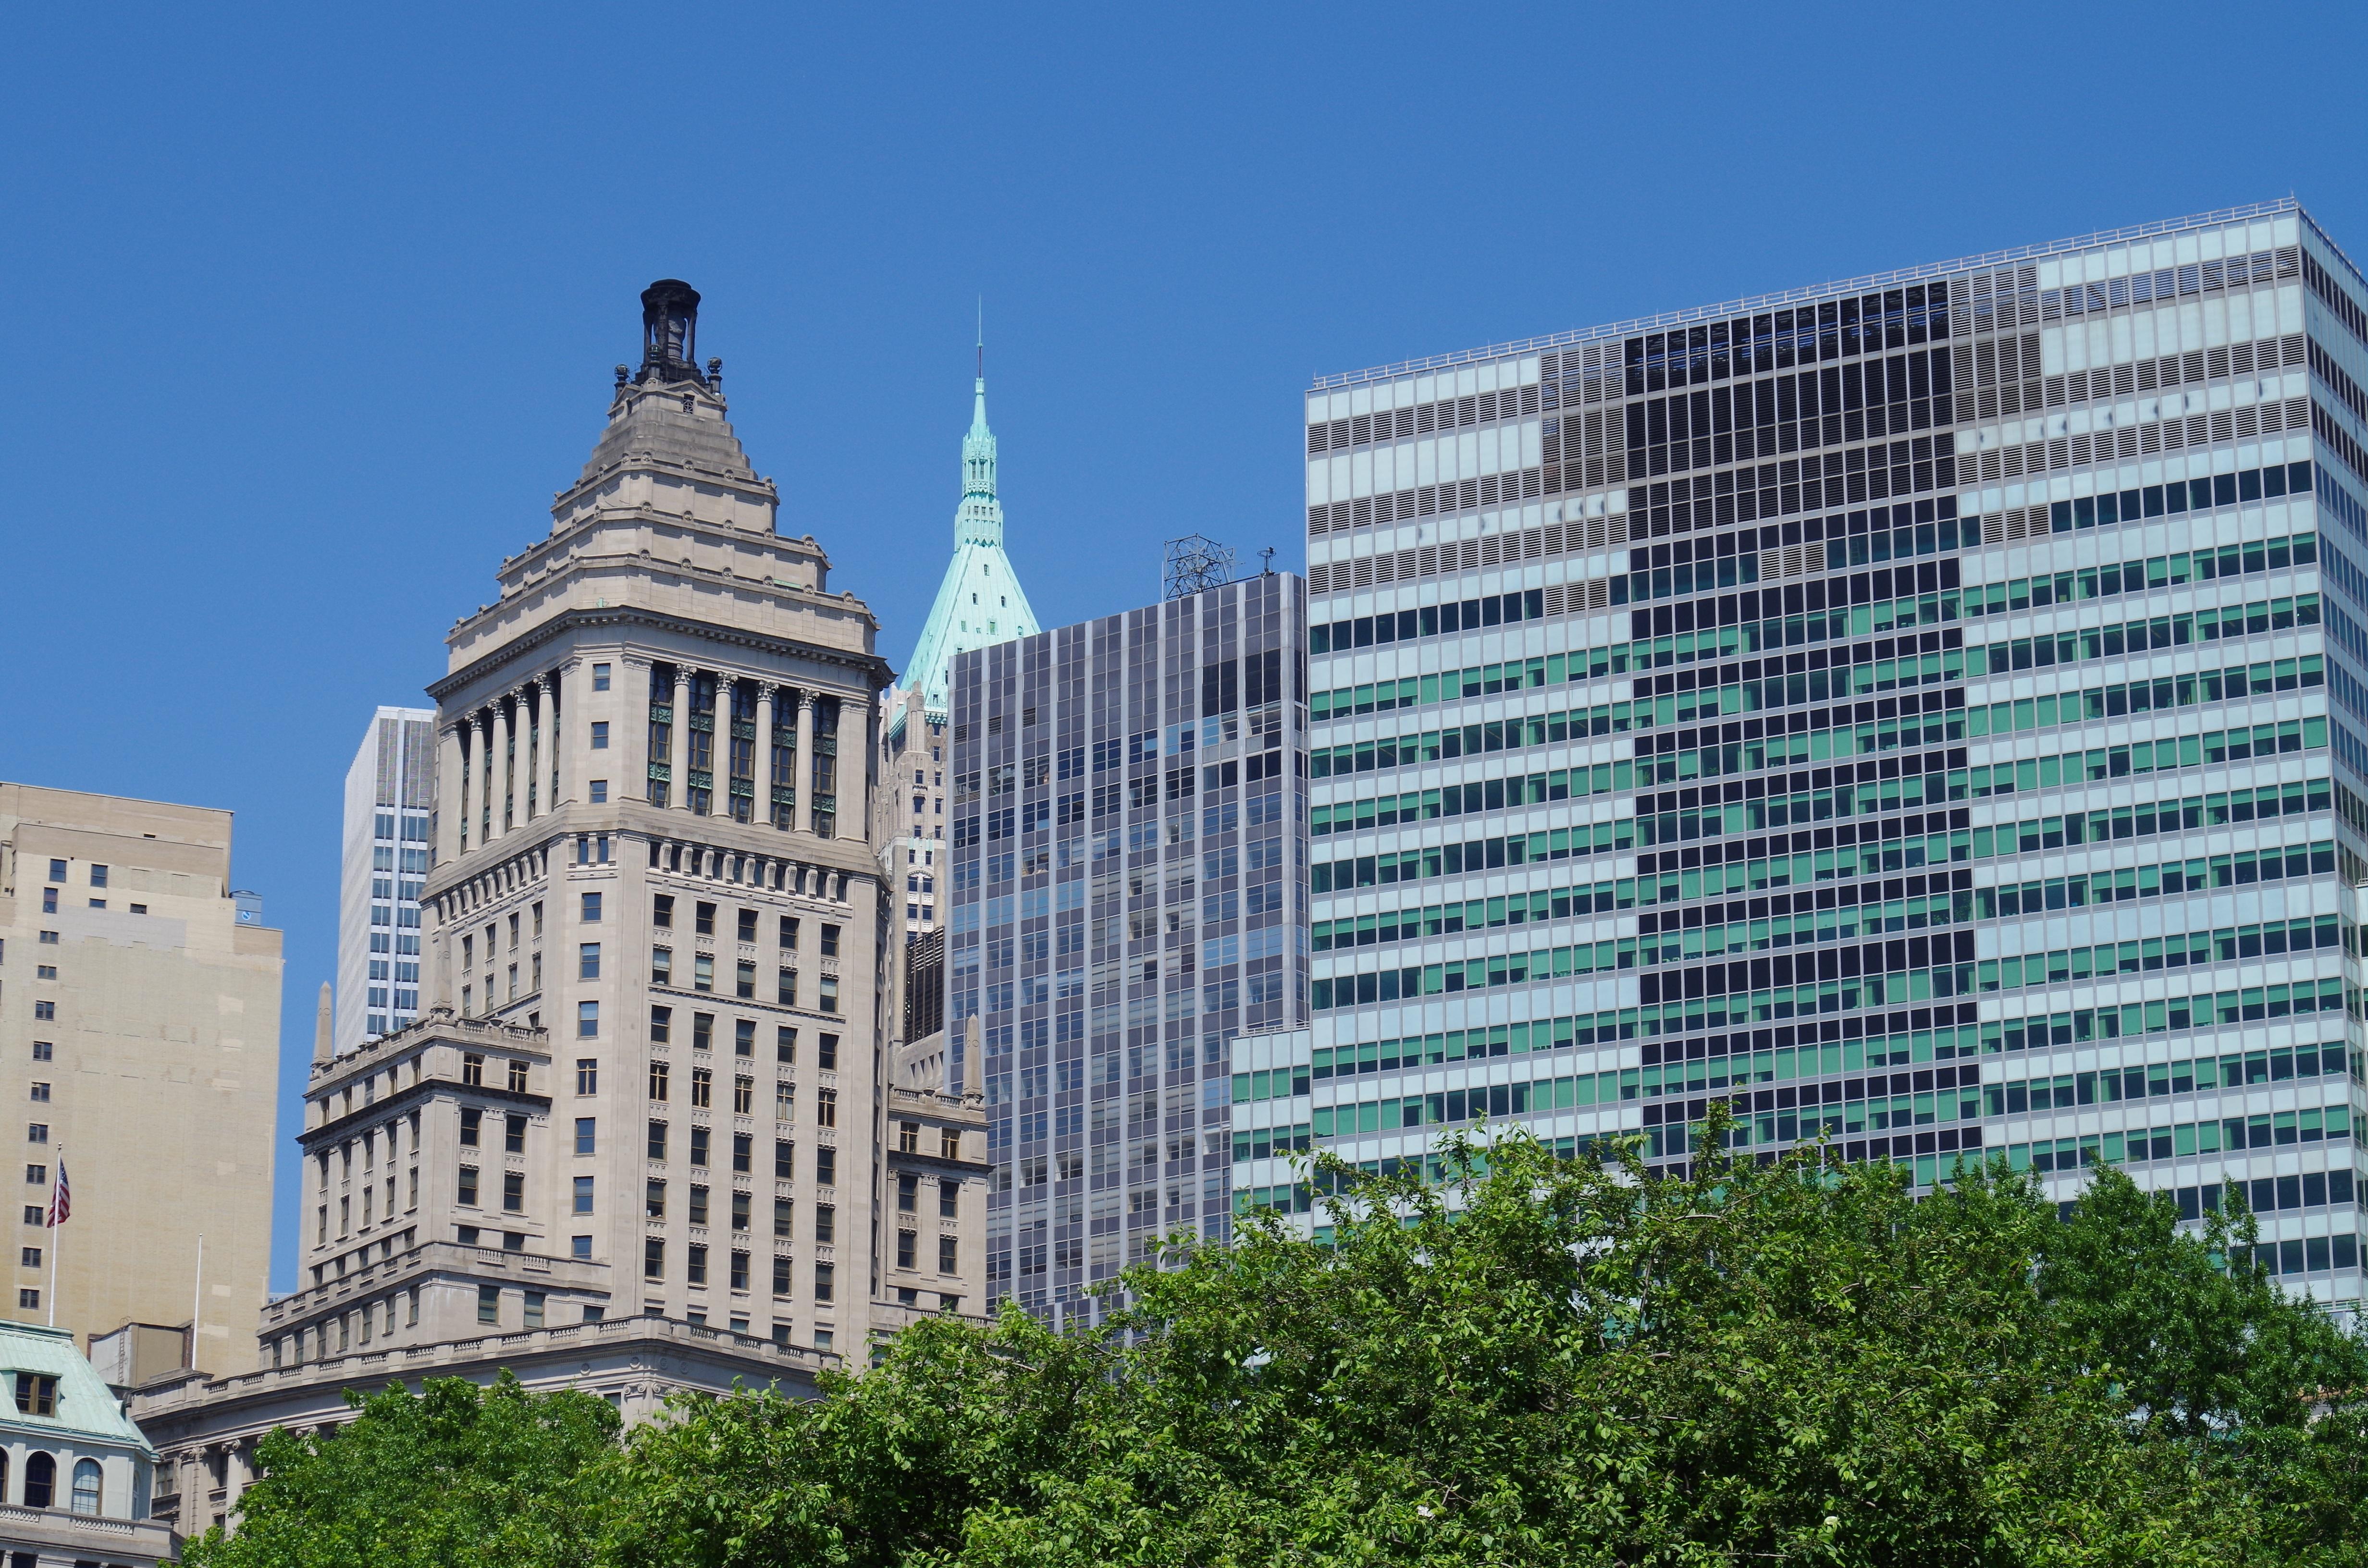 fotos gratis horizonte edificio rascacielos nueva york paisaje urbano centro de la ciudad torre plaza america punto de referencia